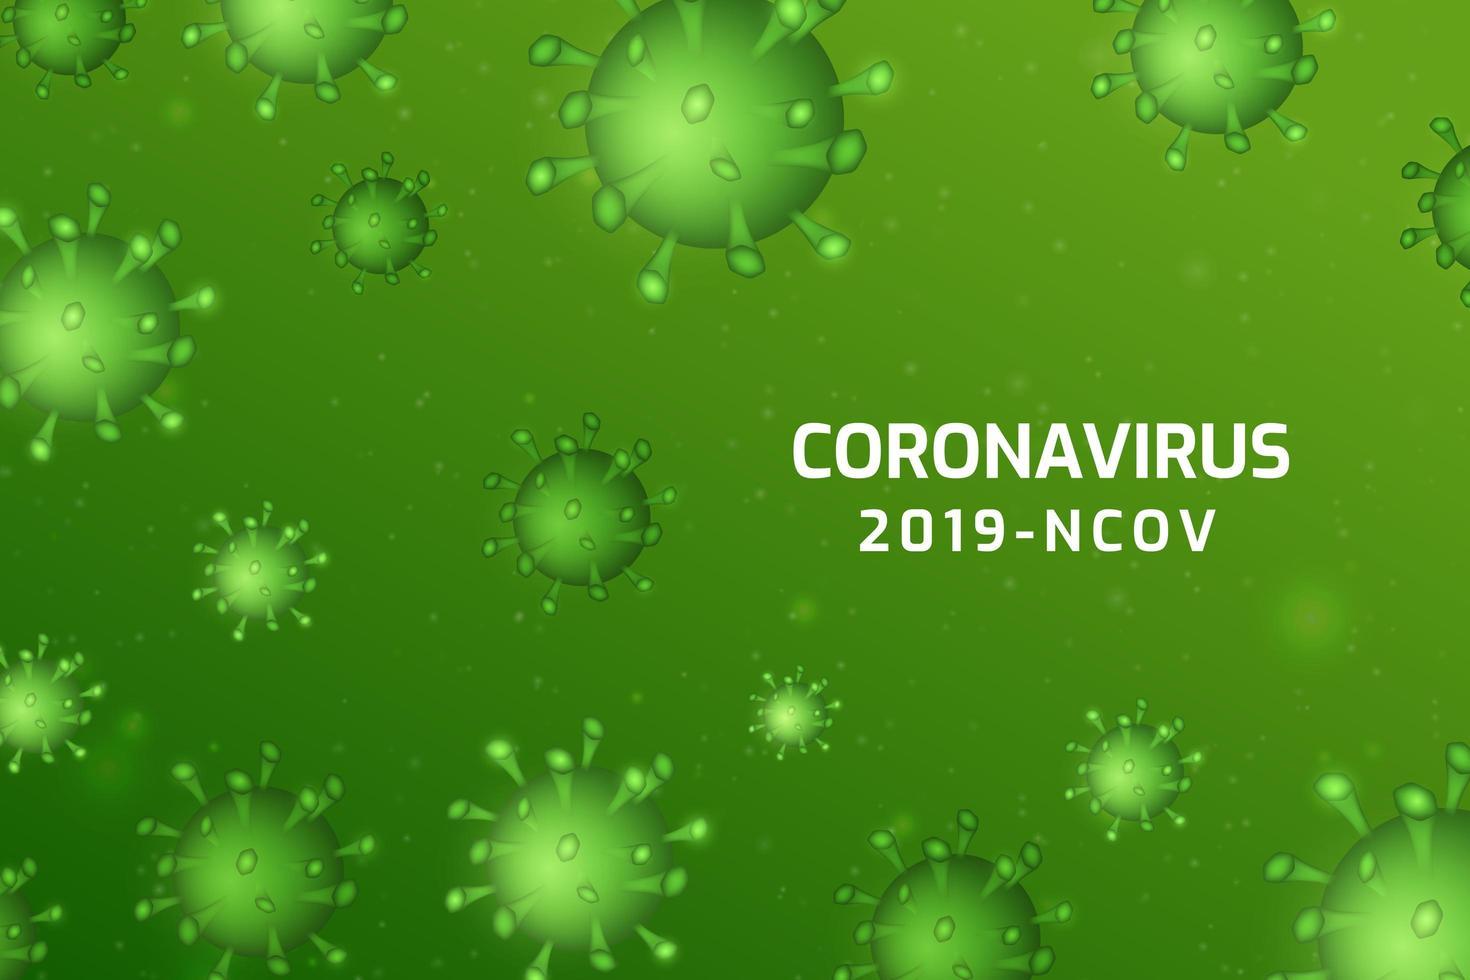 infezione da virus o sfondo di cellule batteriche. vettore